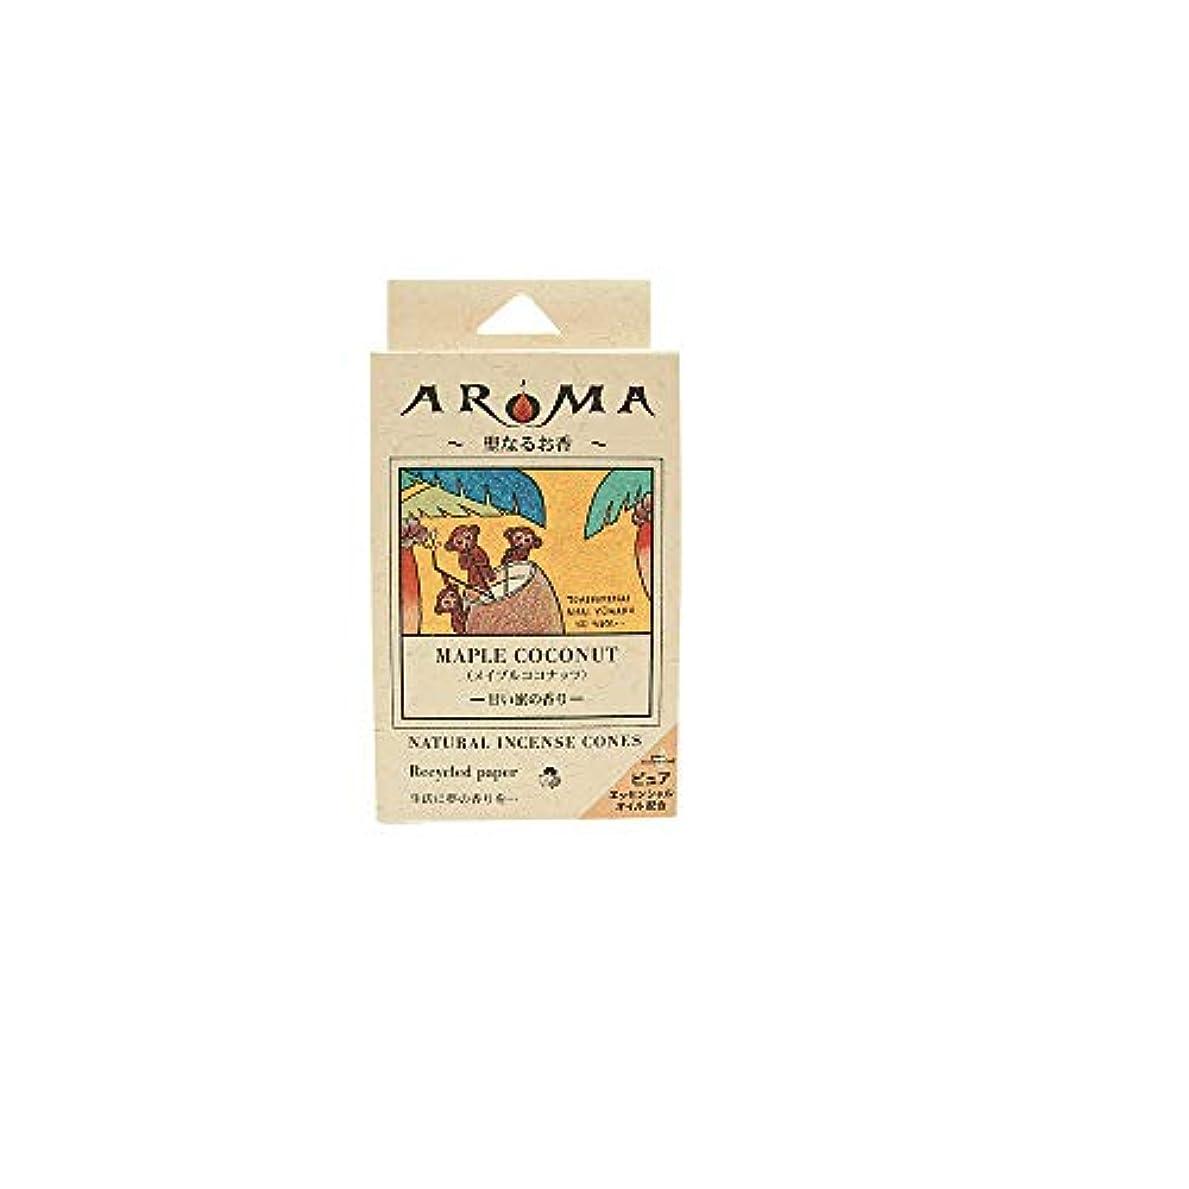 試用味付け料理をするアロマ香 ココナッツ 16粒(コーンタイプインセンス 1粒の燃焼時間約20分 甘い蜜の香り)